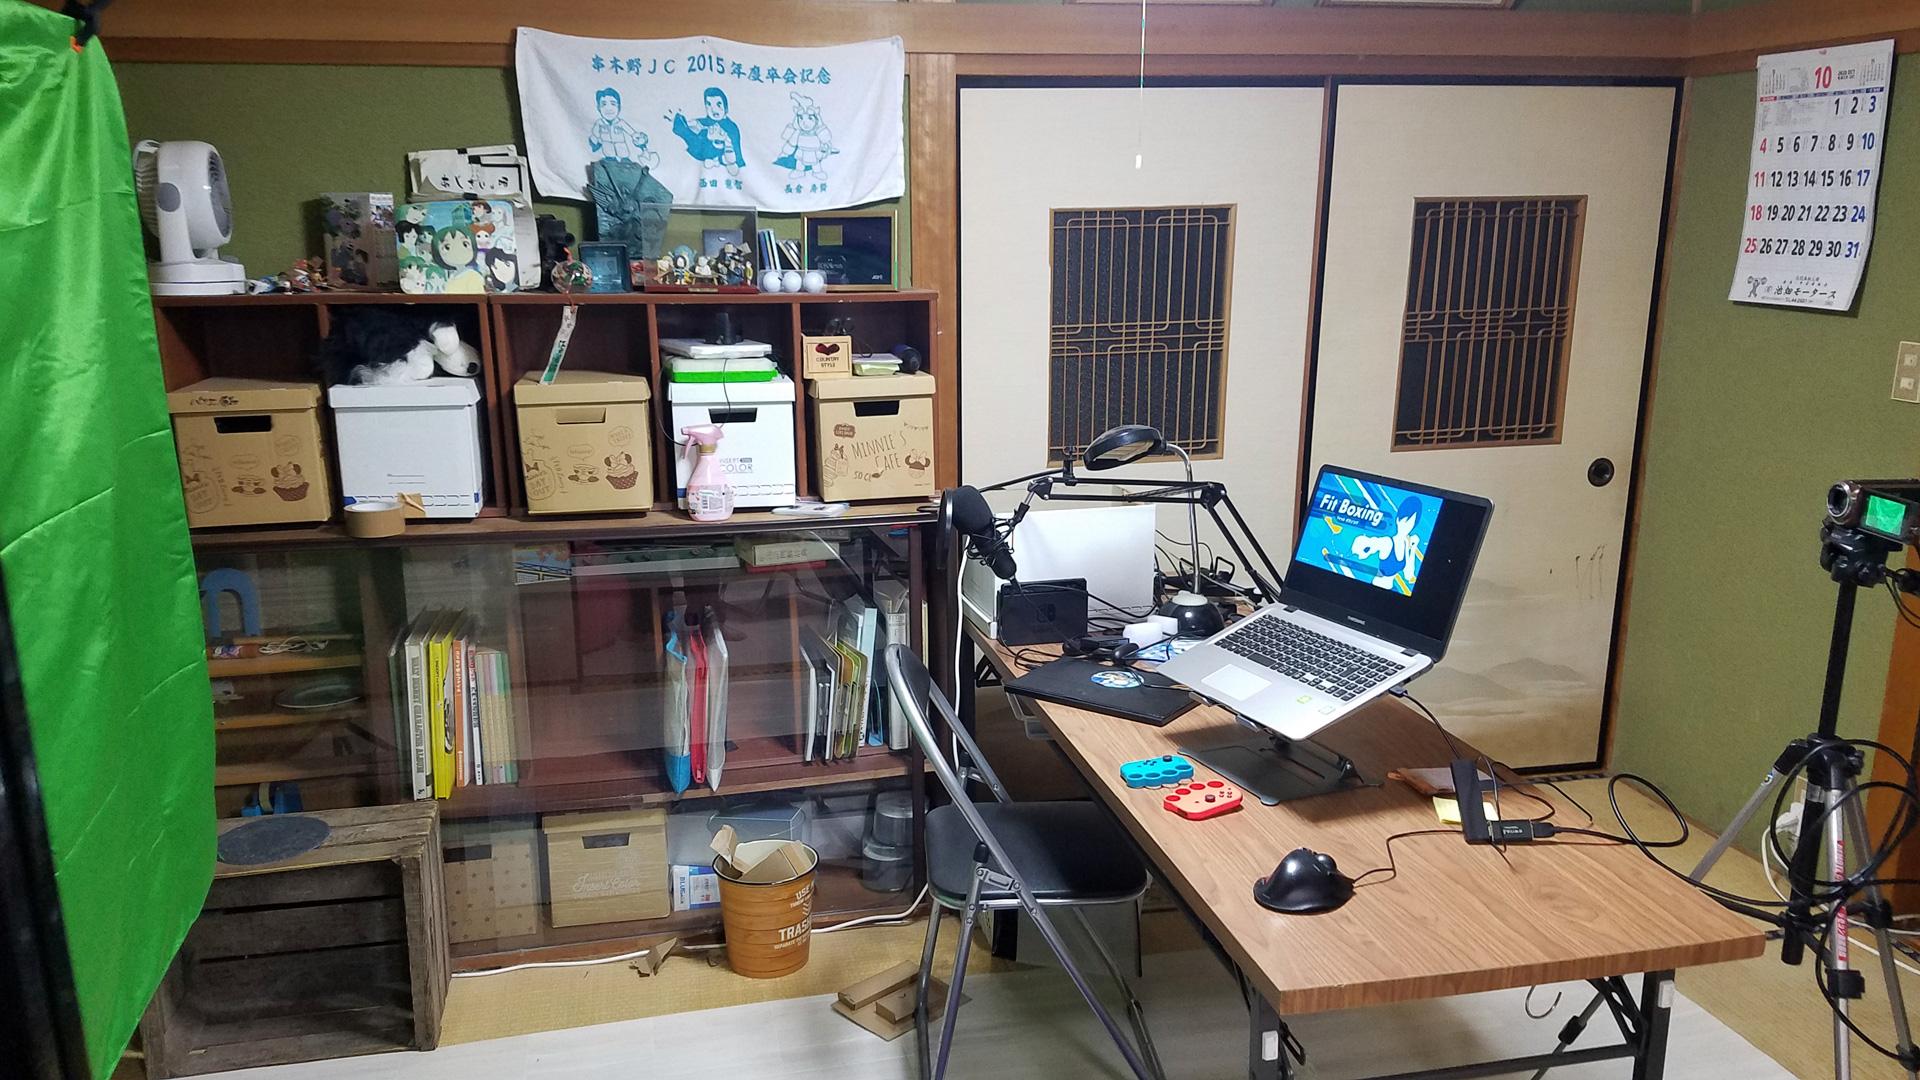 撮影環境変えました。ゲーム画面をパソコン全画面表示にしてスタンドであげました。